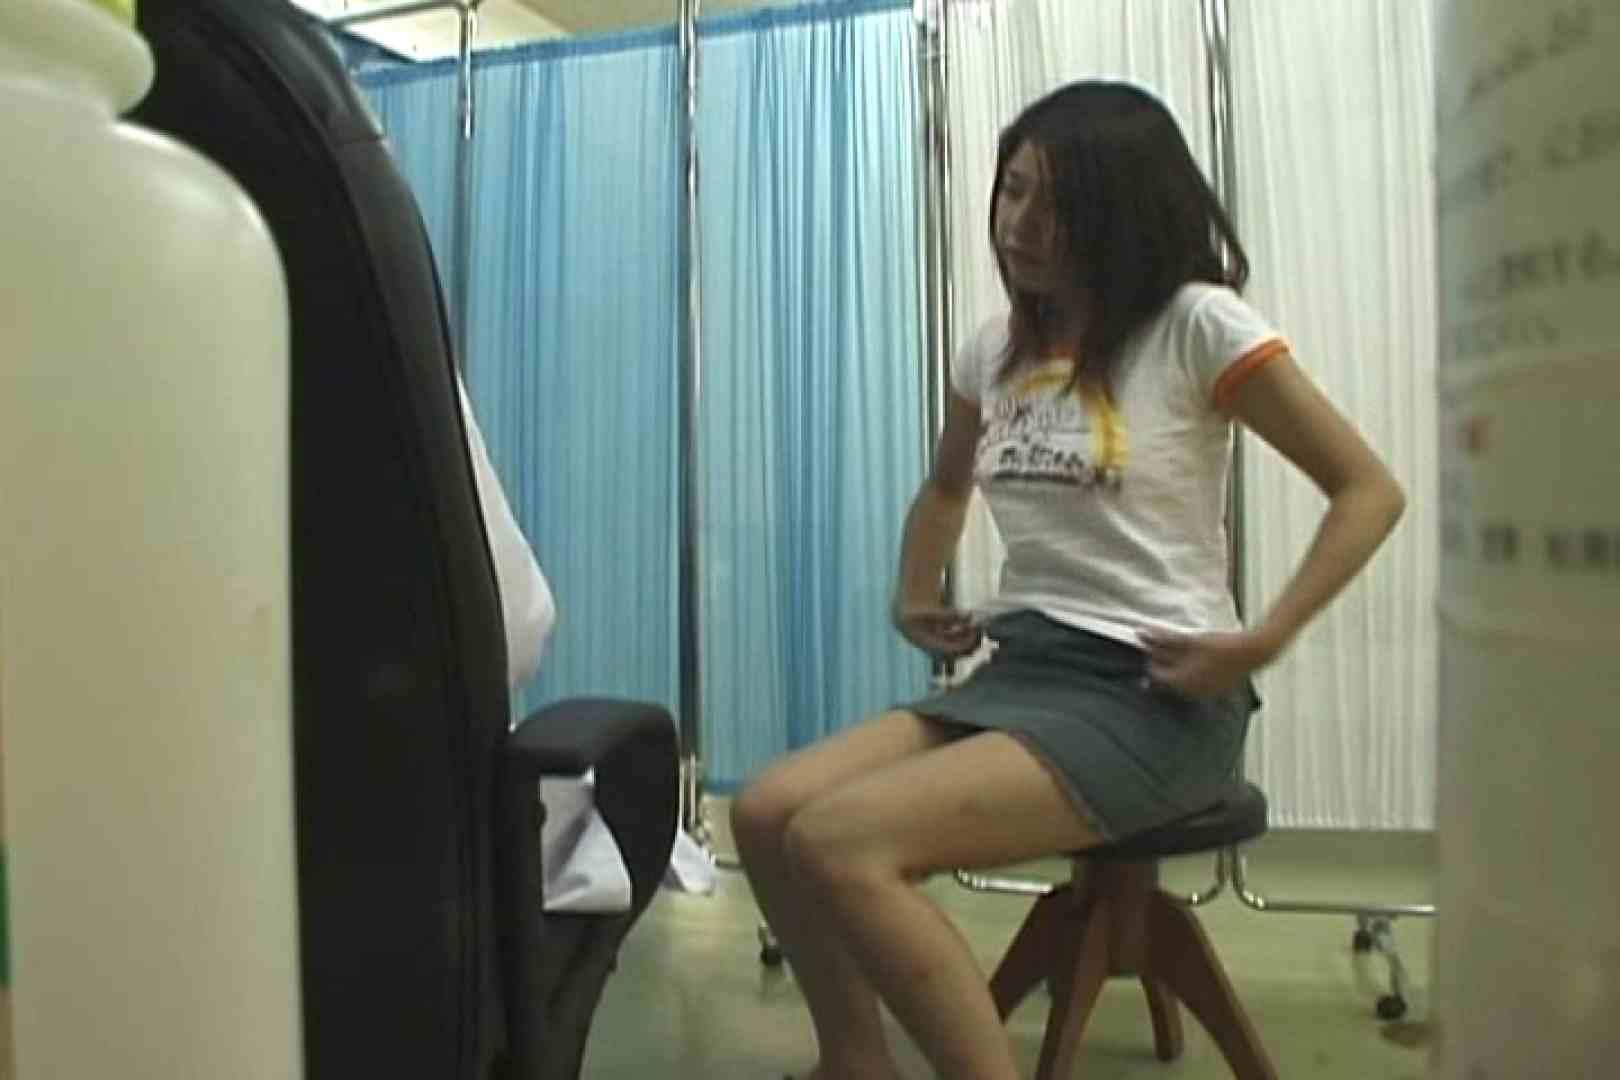 アナルに指を入れられる彼女達の事情Vol.1 エロティックなOL   女性の肛門  63画像 1